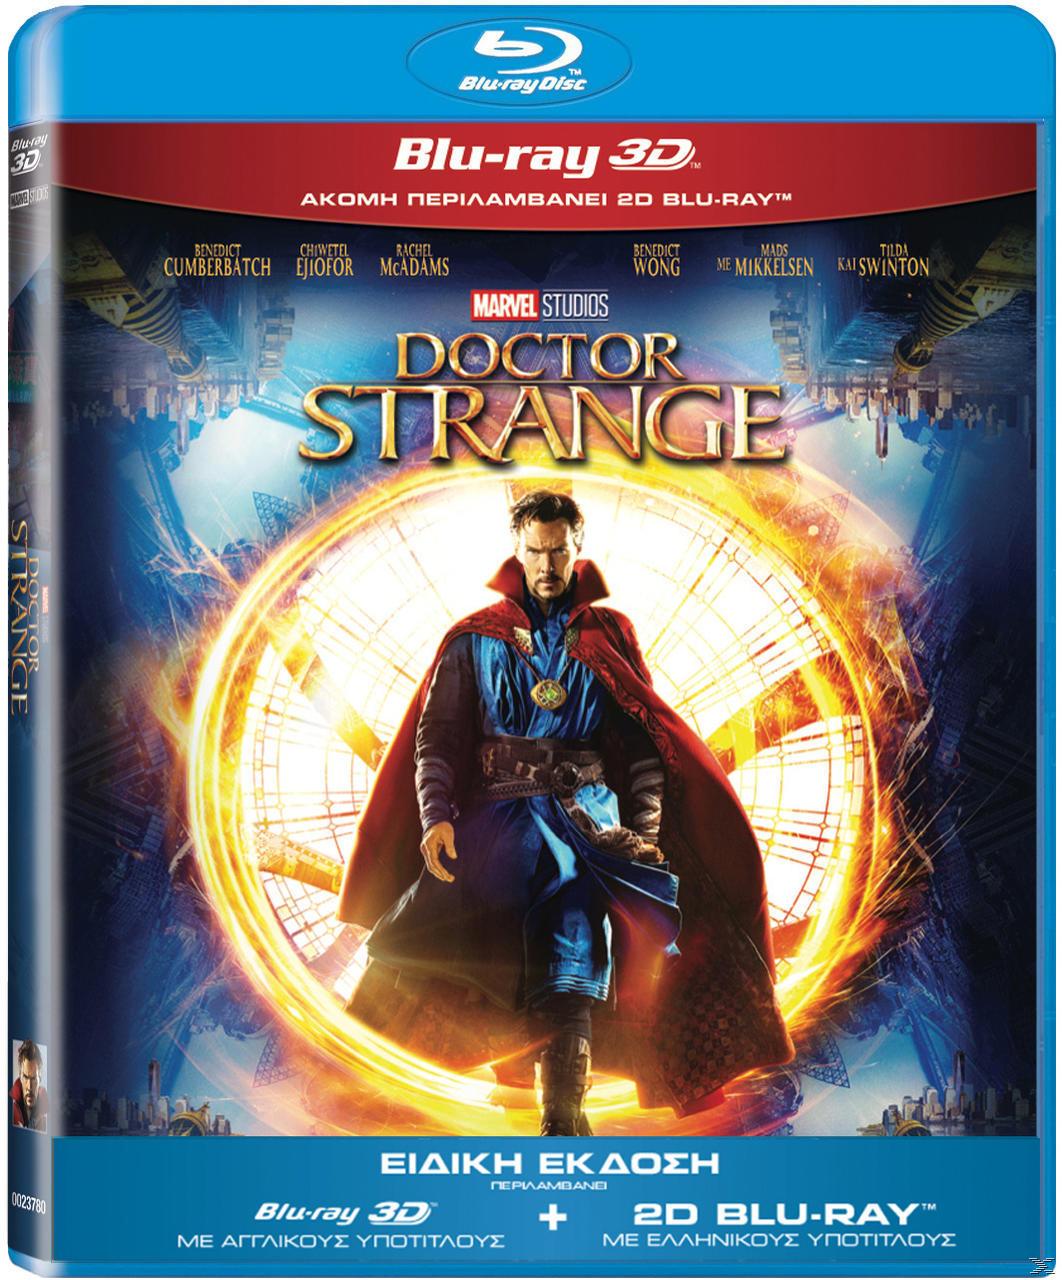 DOCTOR STRANGE 3D [&2D BLU RAY]